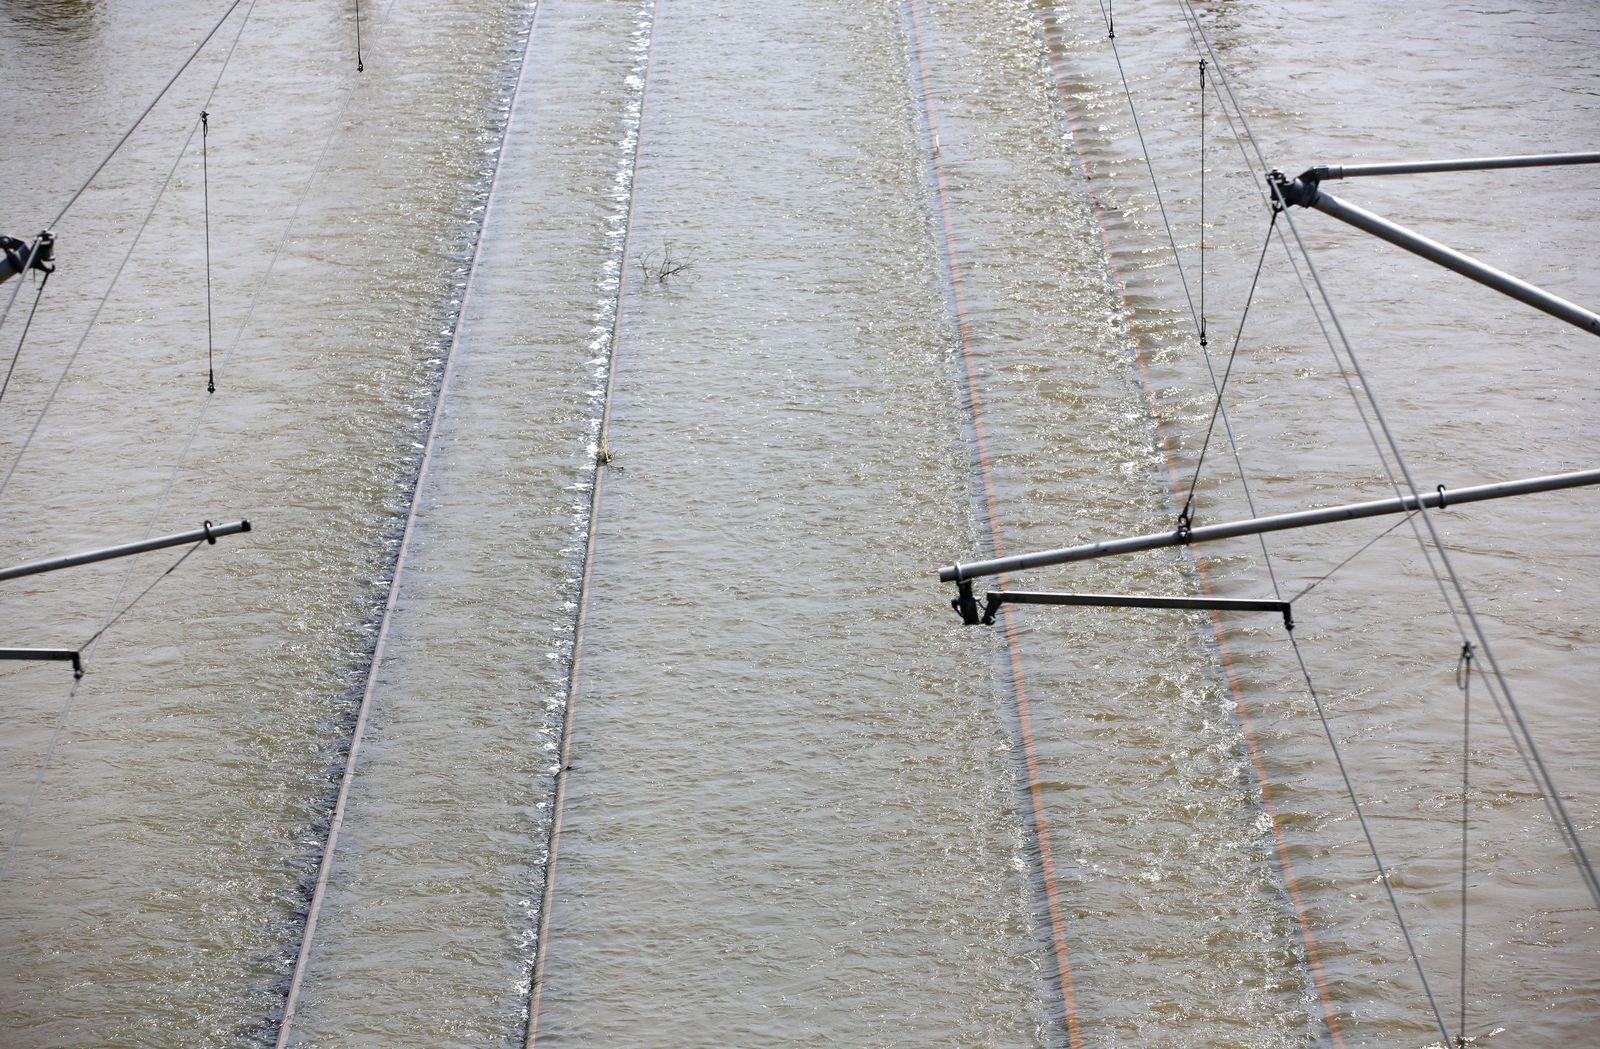 Hochwasser in Sachsen-Anhalt gleise